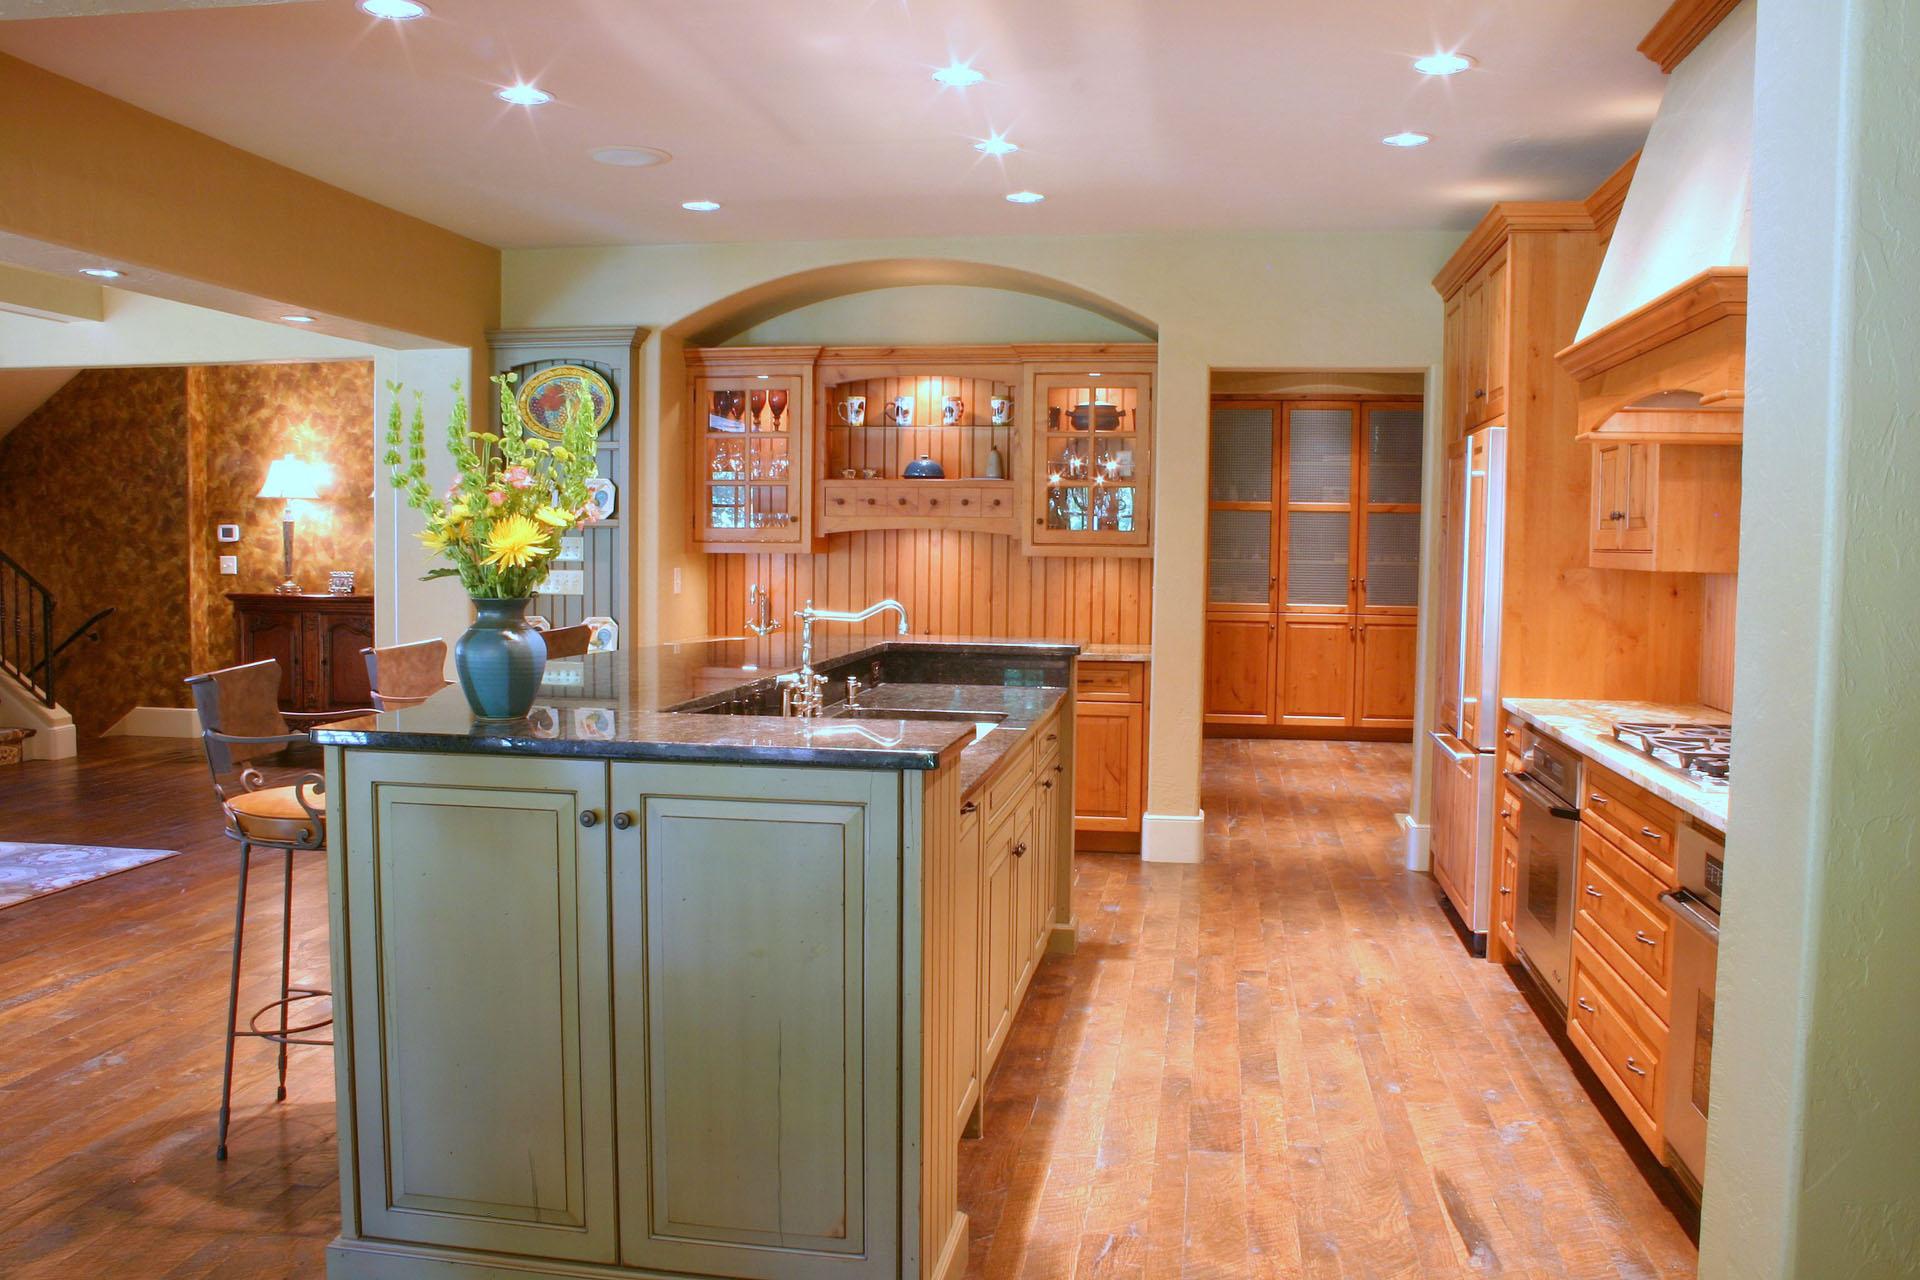 Limehouse Distressed Alder Kitchen